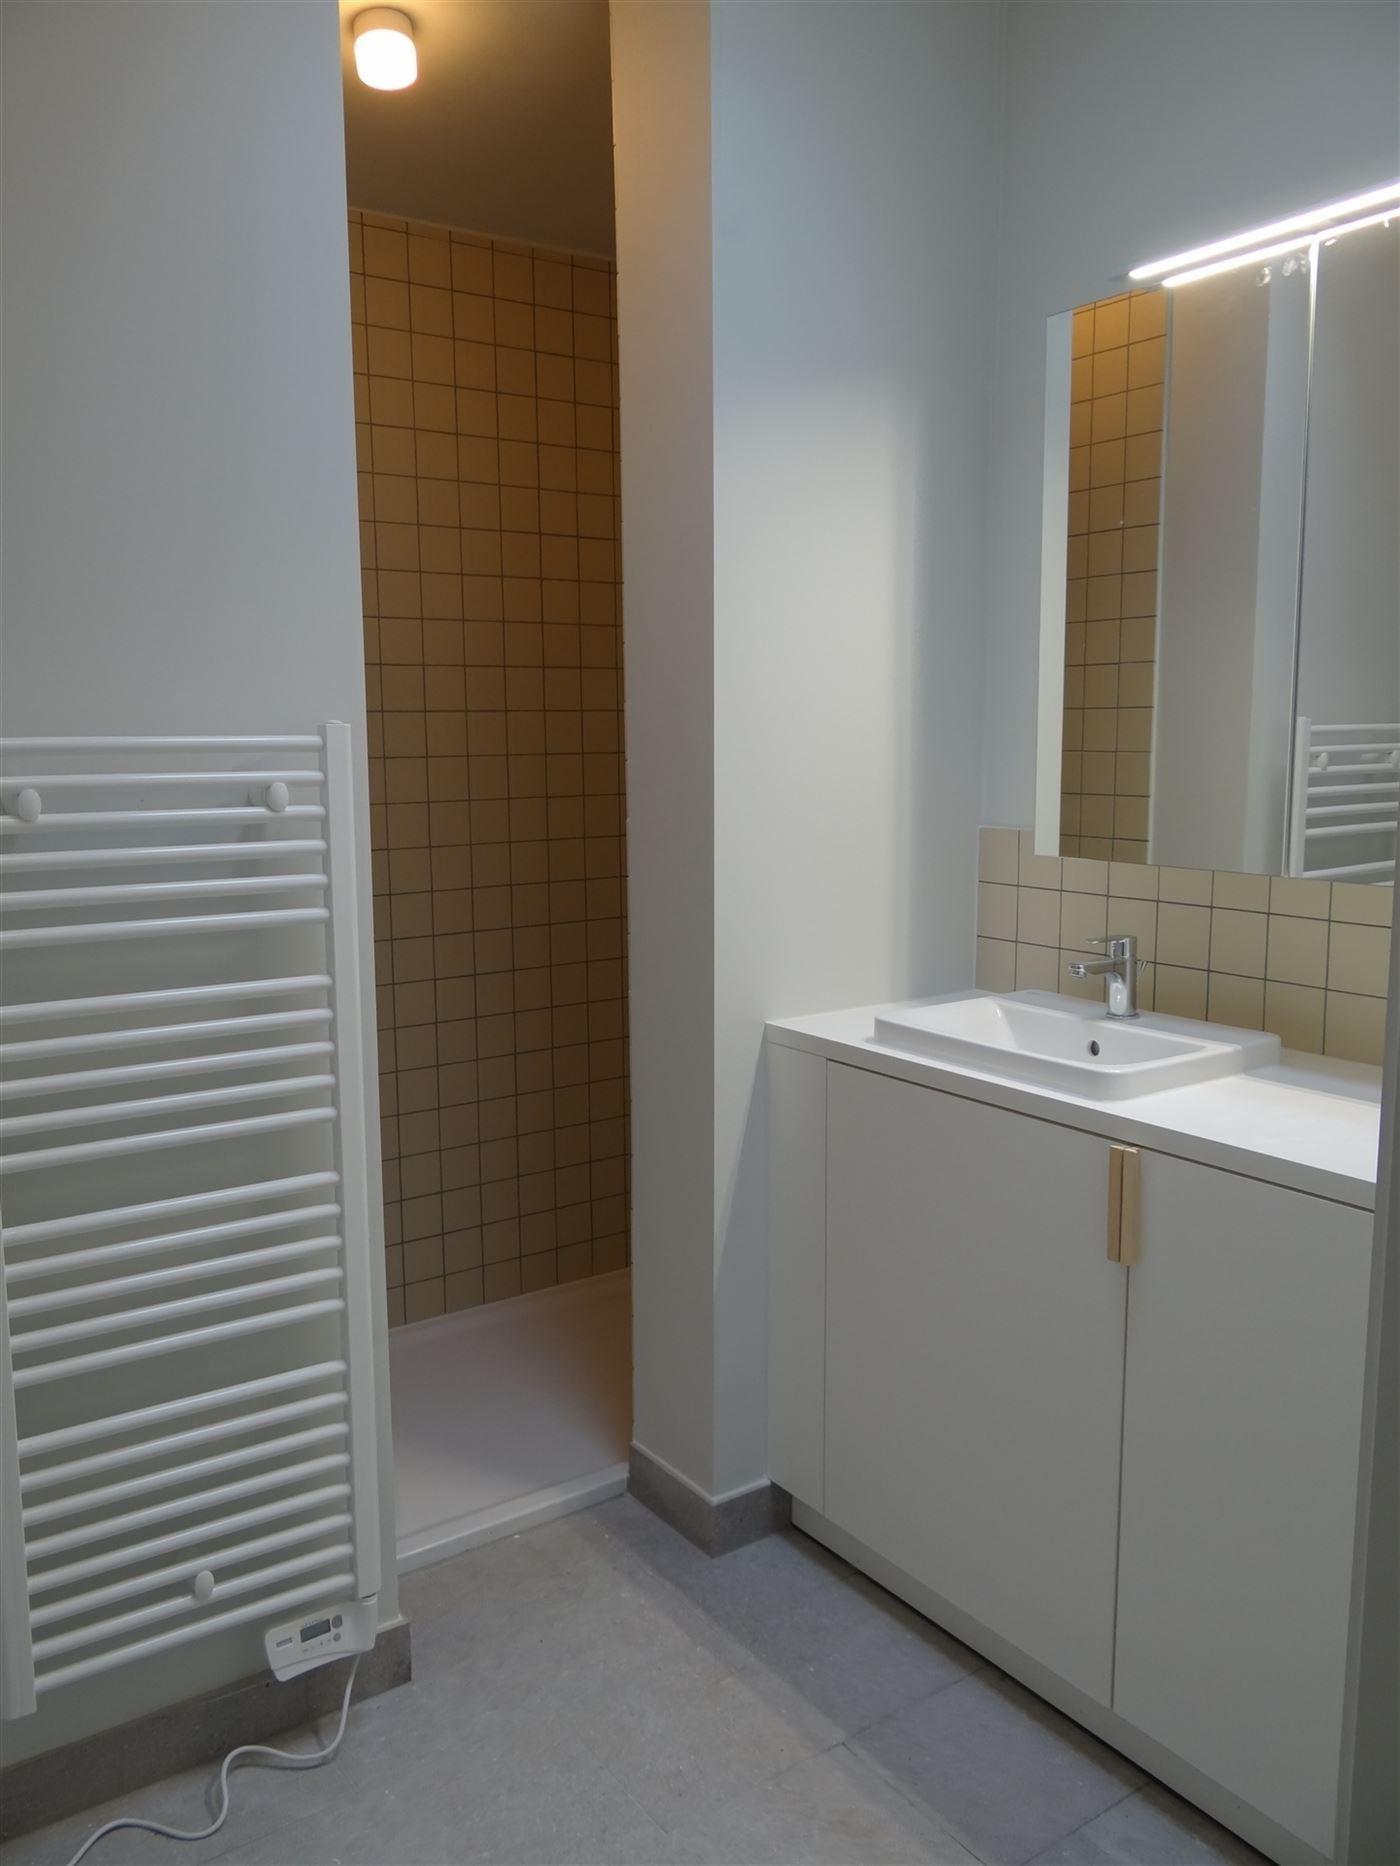 TE HUUR OP JAARBASIS - héél ruim ongemeubeld nieuwbouw dakappartement - enige bewoner op dit verdiep - zonnekant - living doorlopend vooraan - achte...